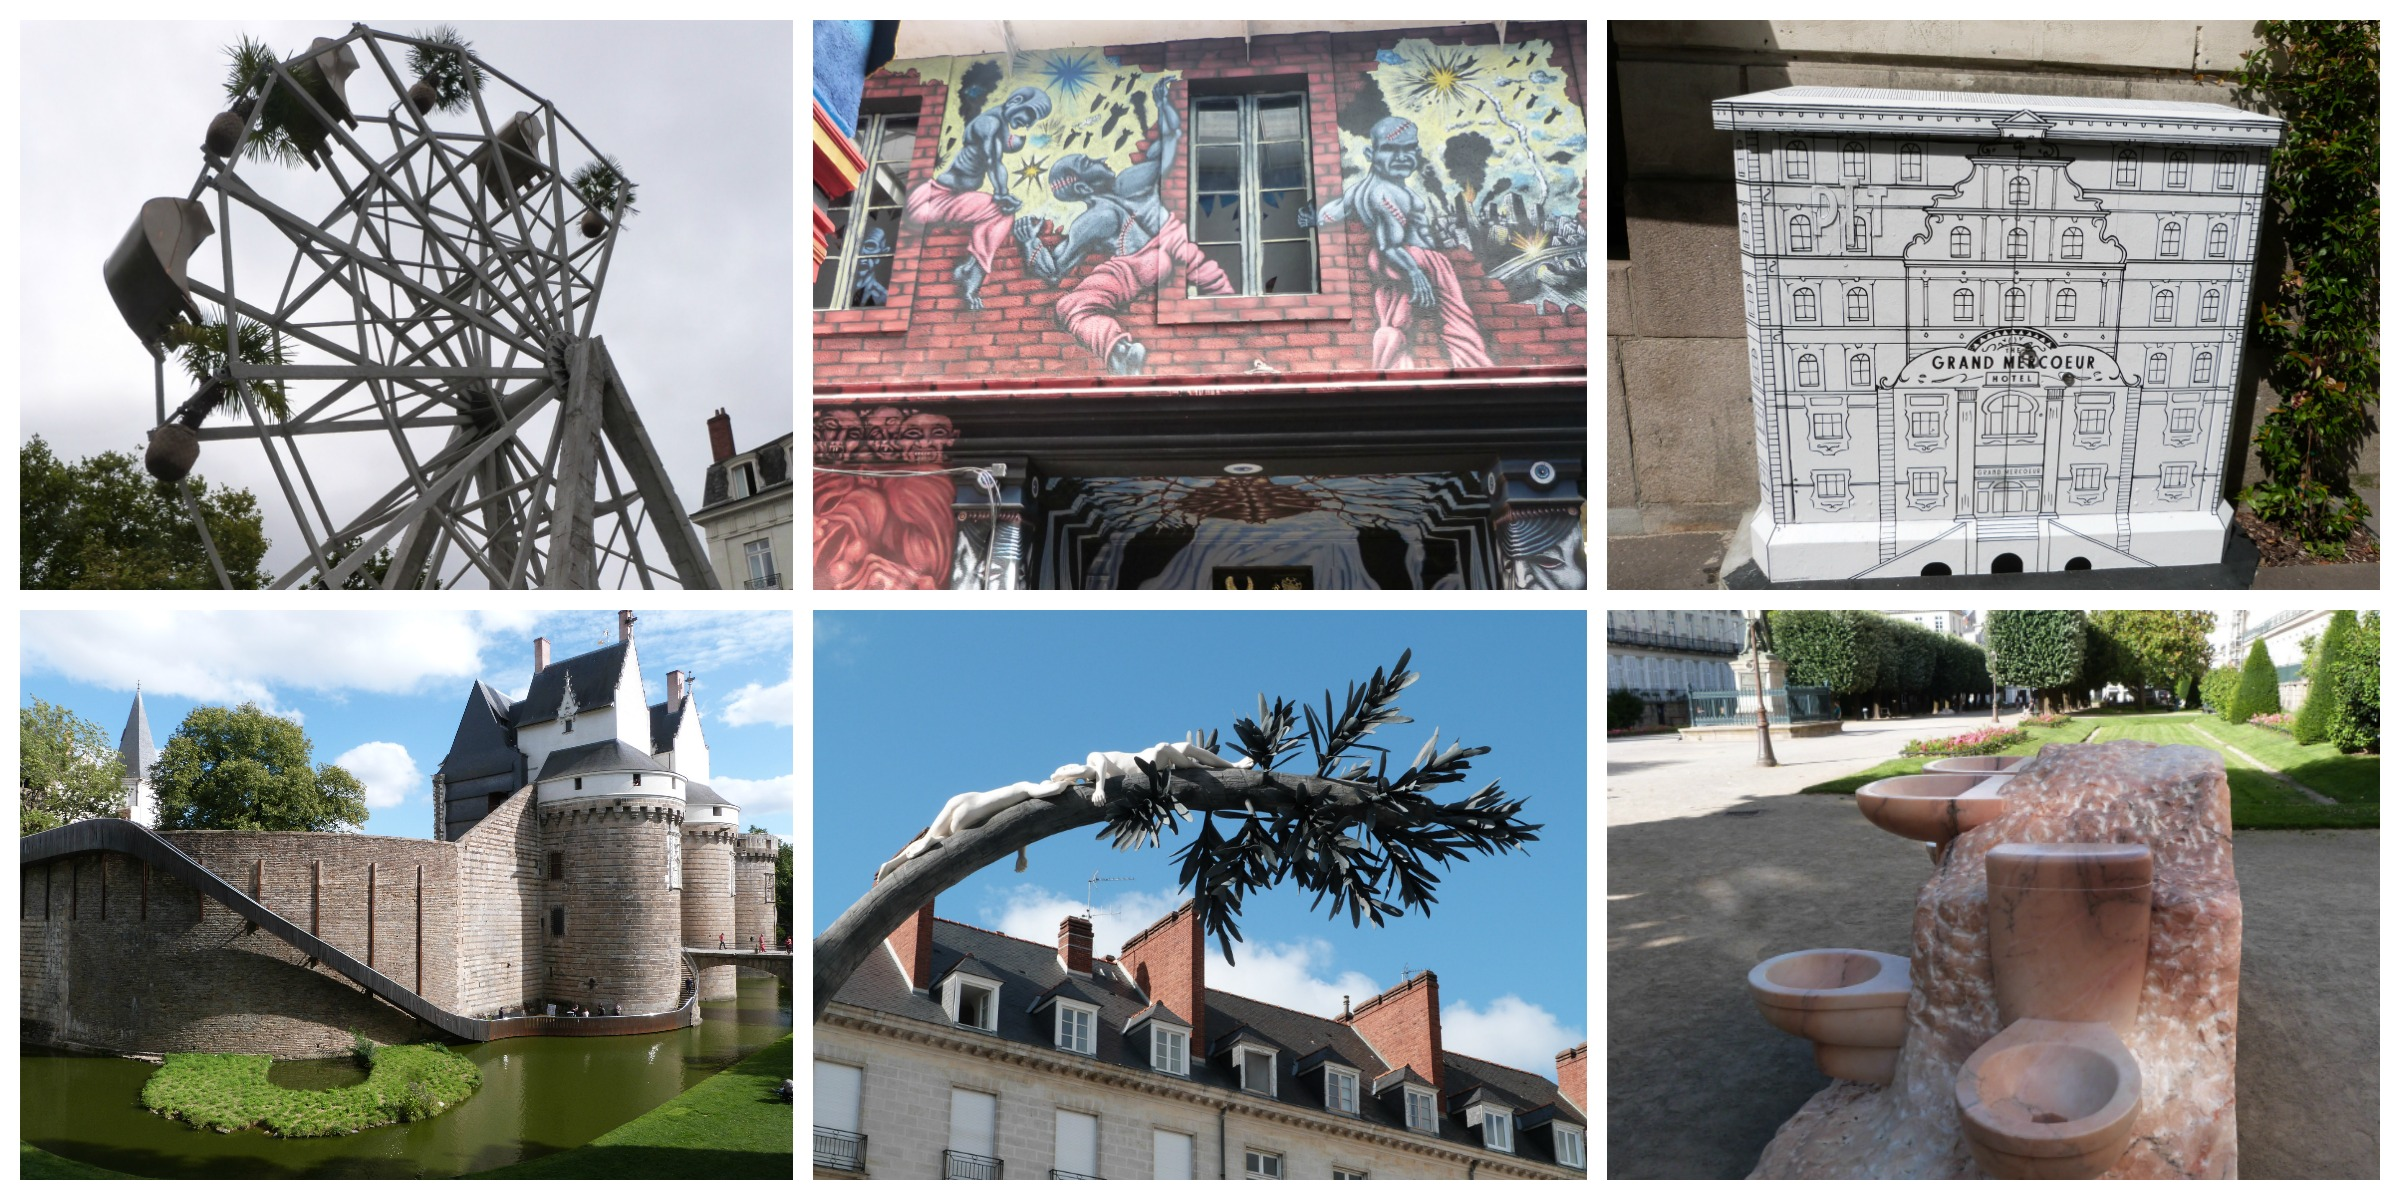 quelques photos des œuvres d'art du voyage à Nantes 2017